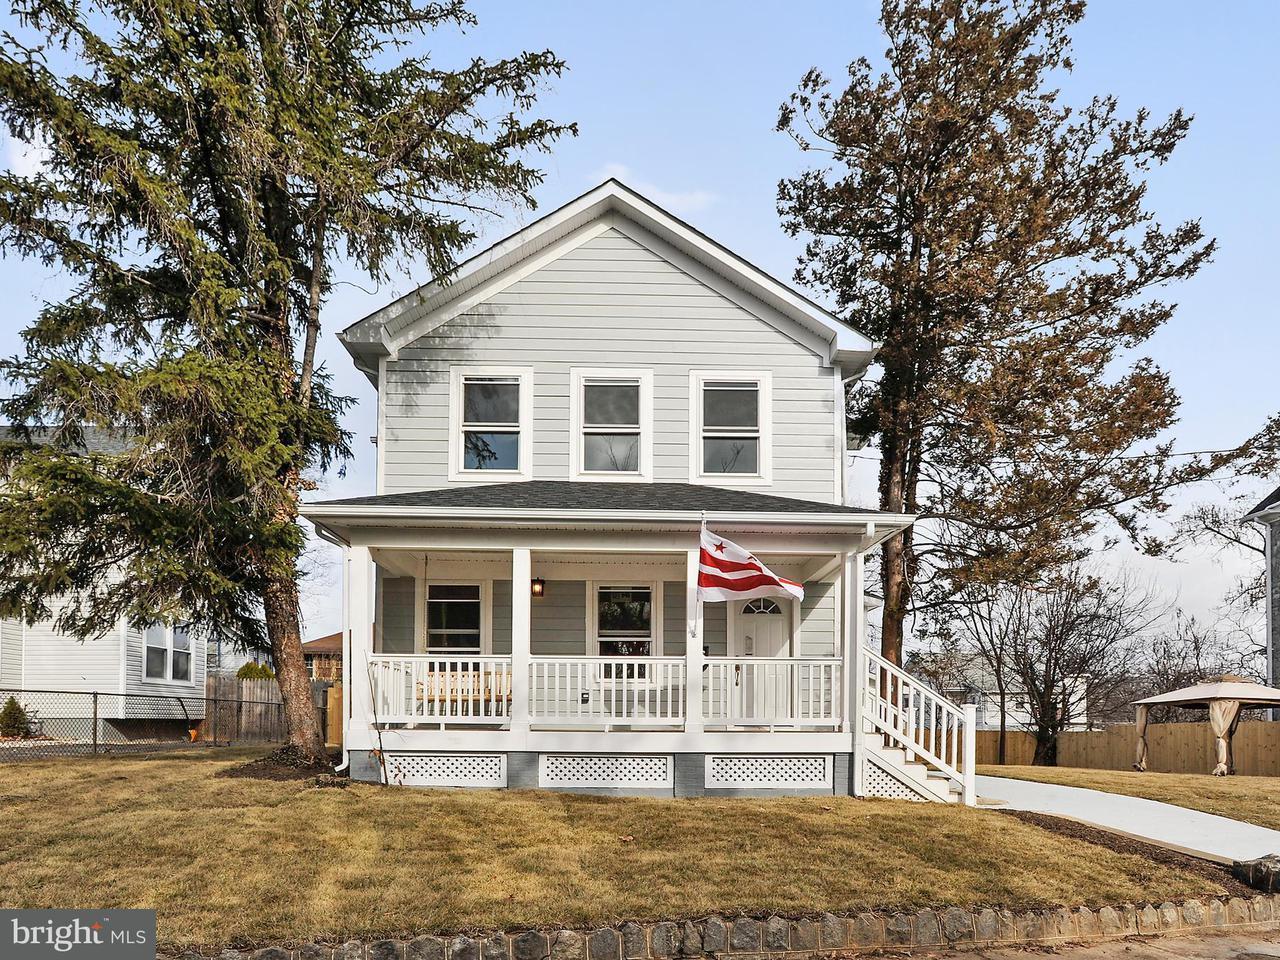 Einfamilienhaus für Verkauf beim 2804 Brentwood Rd Ne 2804 Brentwood Rd Ne Washington, District Of Columbia 20018 Vereinigte Staaten